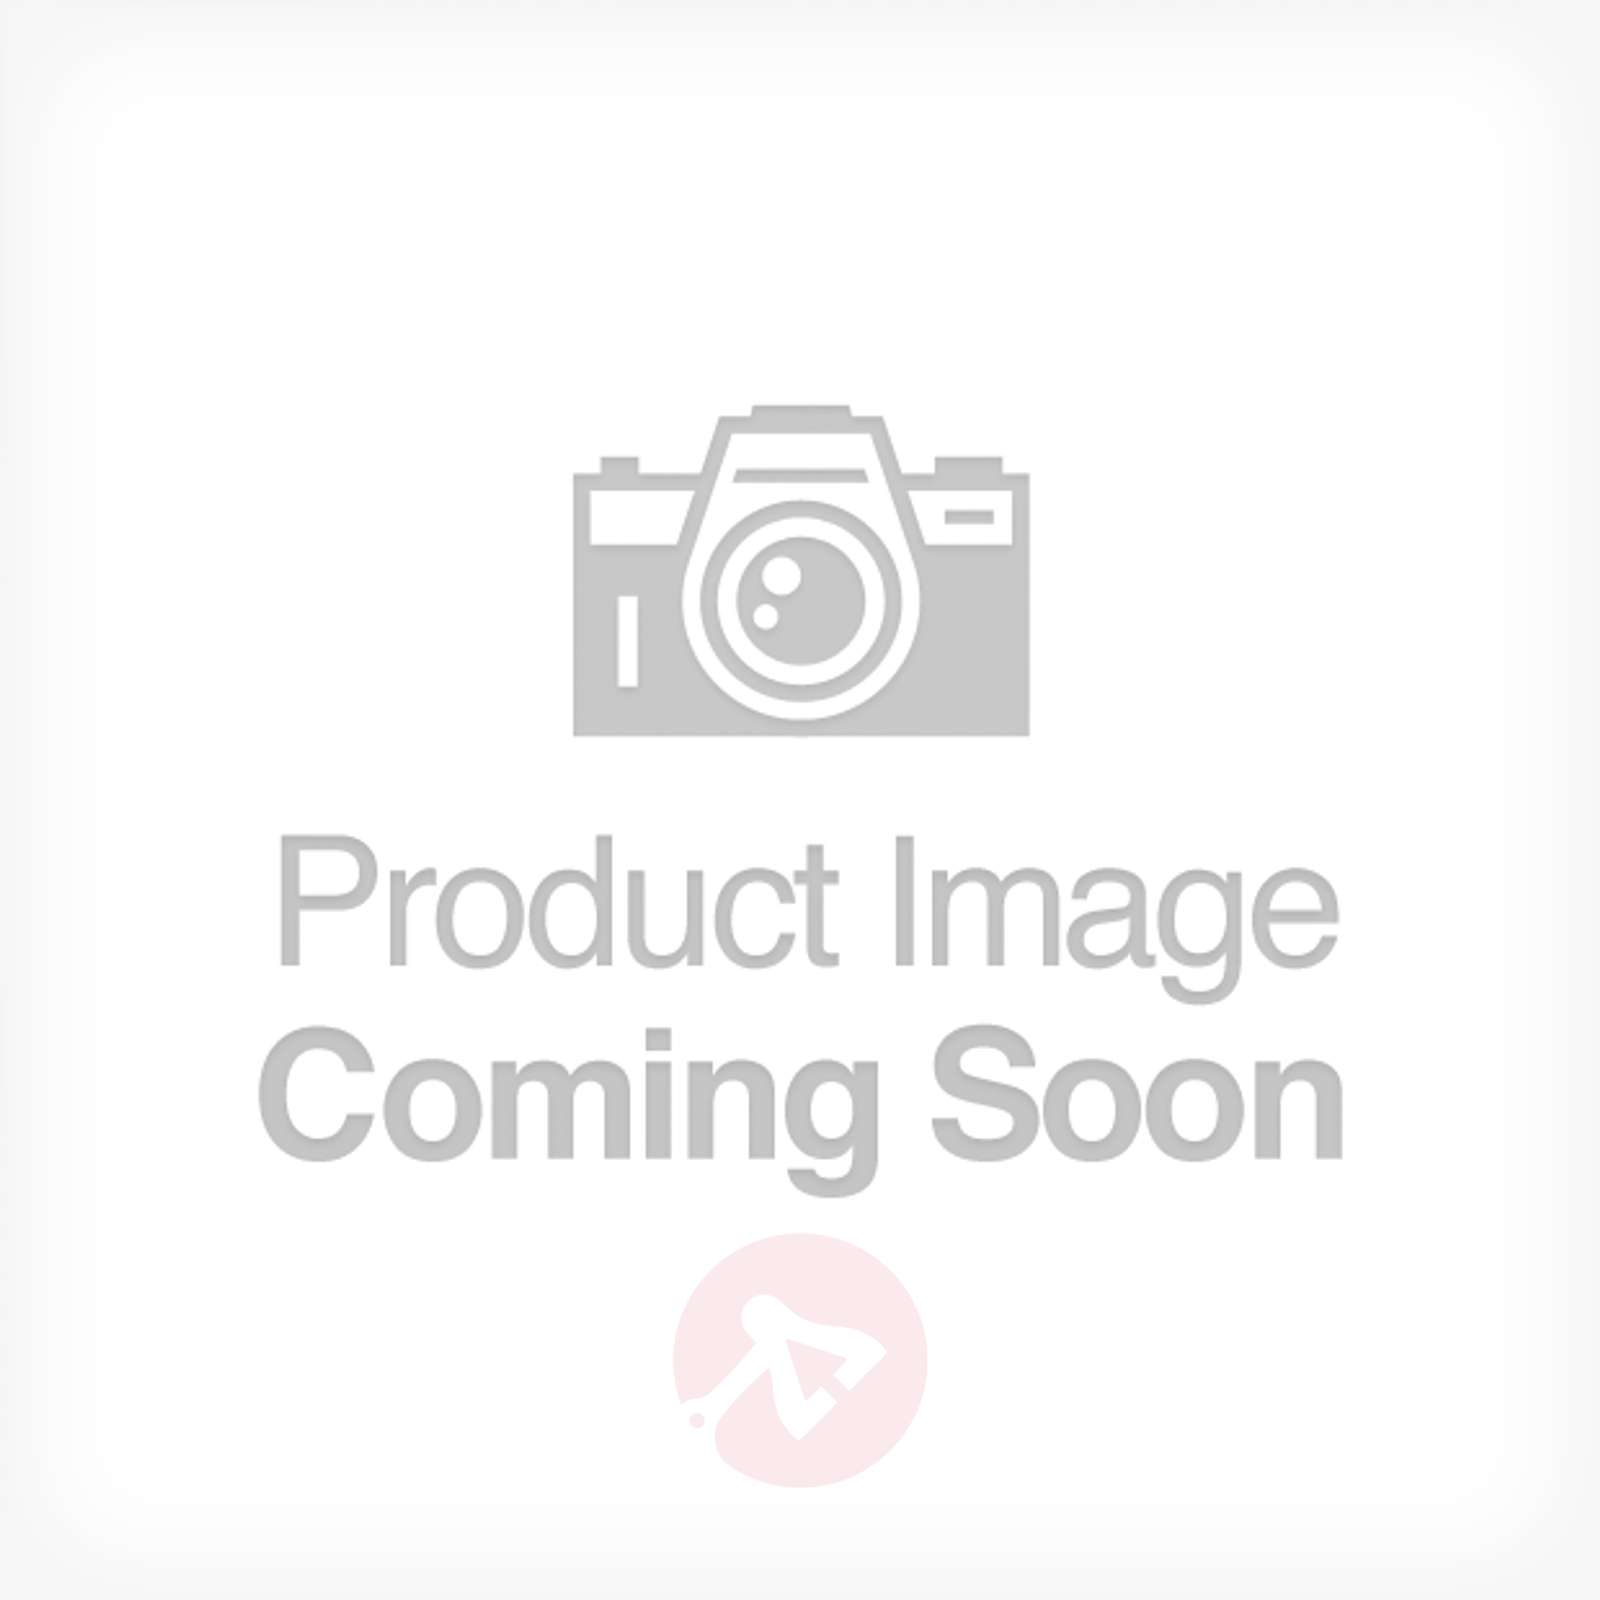 Aurinkokäyttöinen LED-pylväsvalaisin Tia-3012542-01